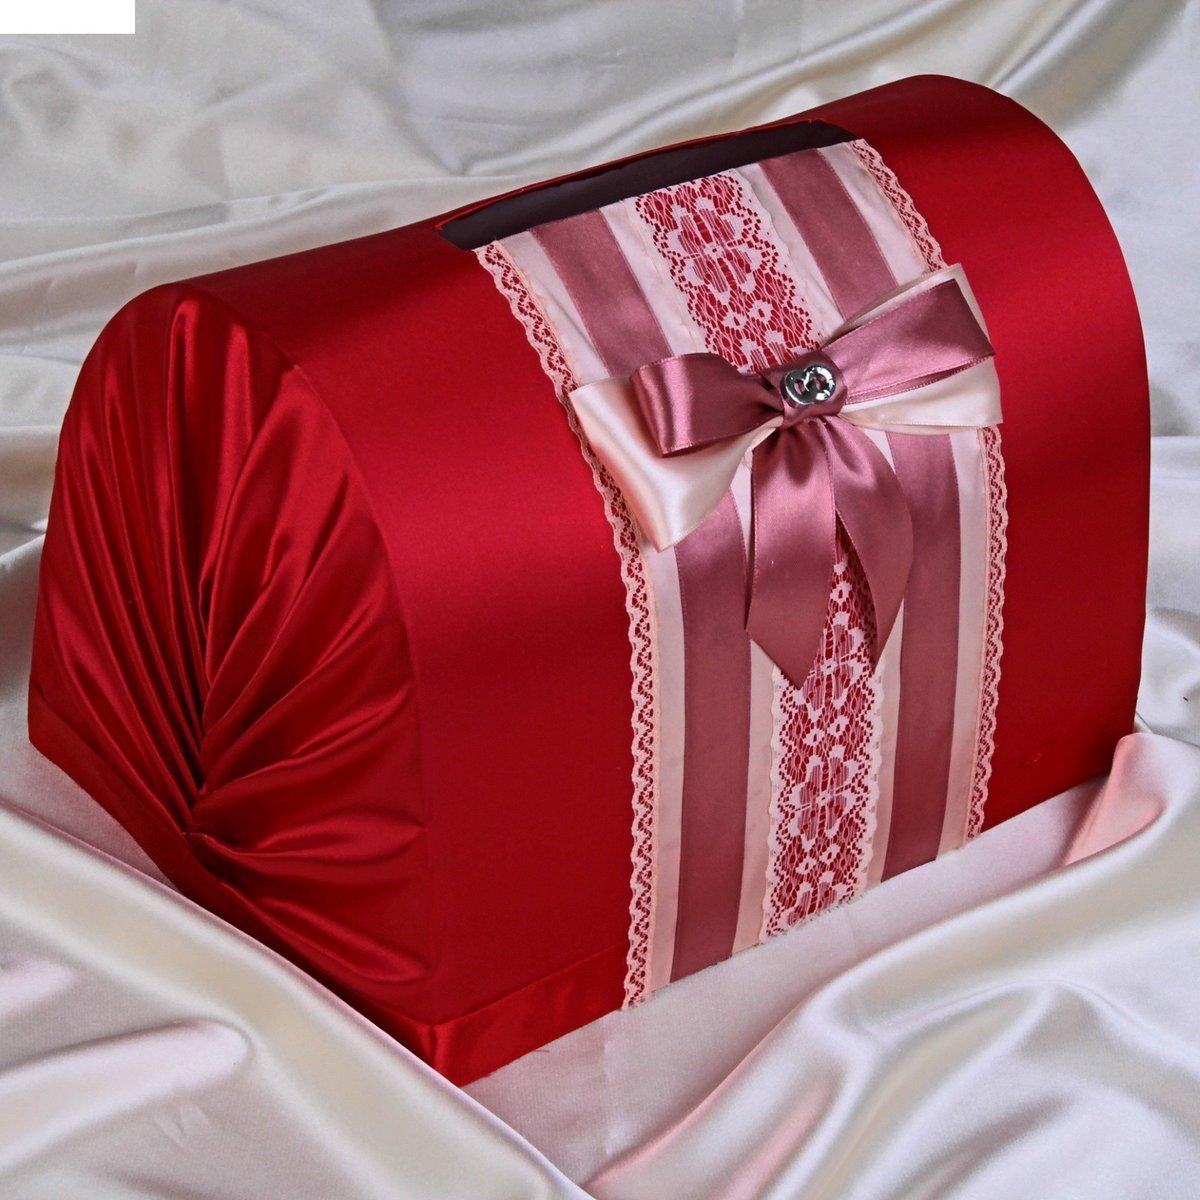 Сундук для денег на свадьбу своими руками из коробки фото в красном цвете 66